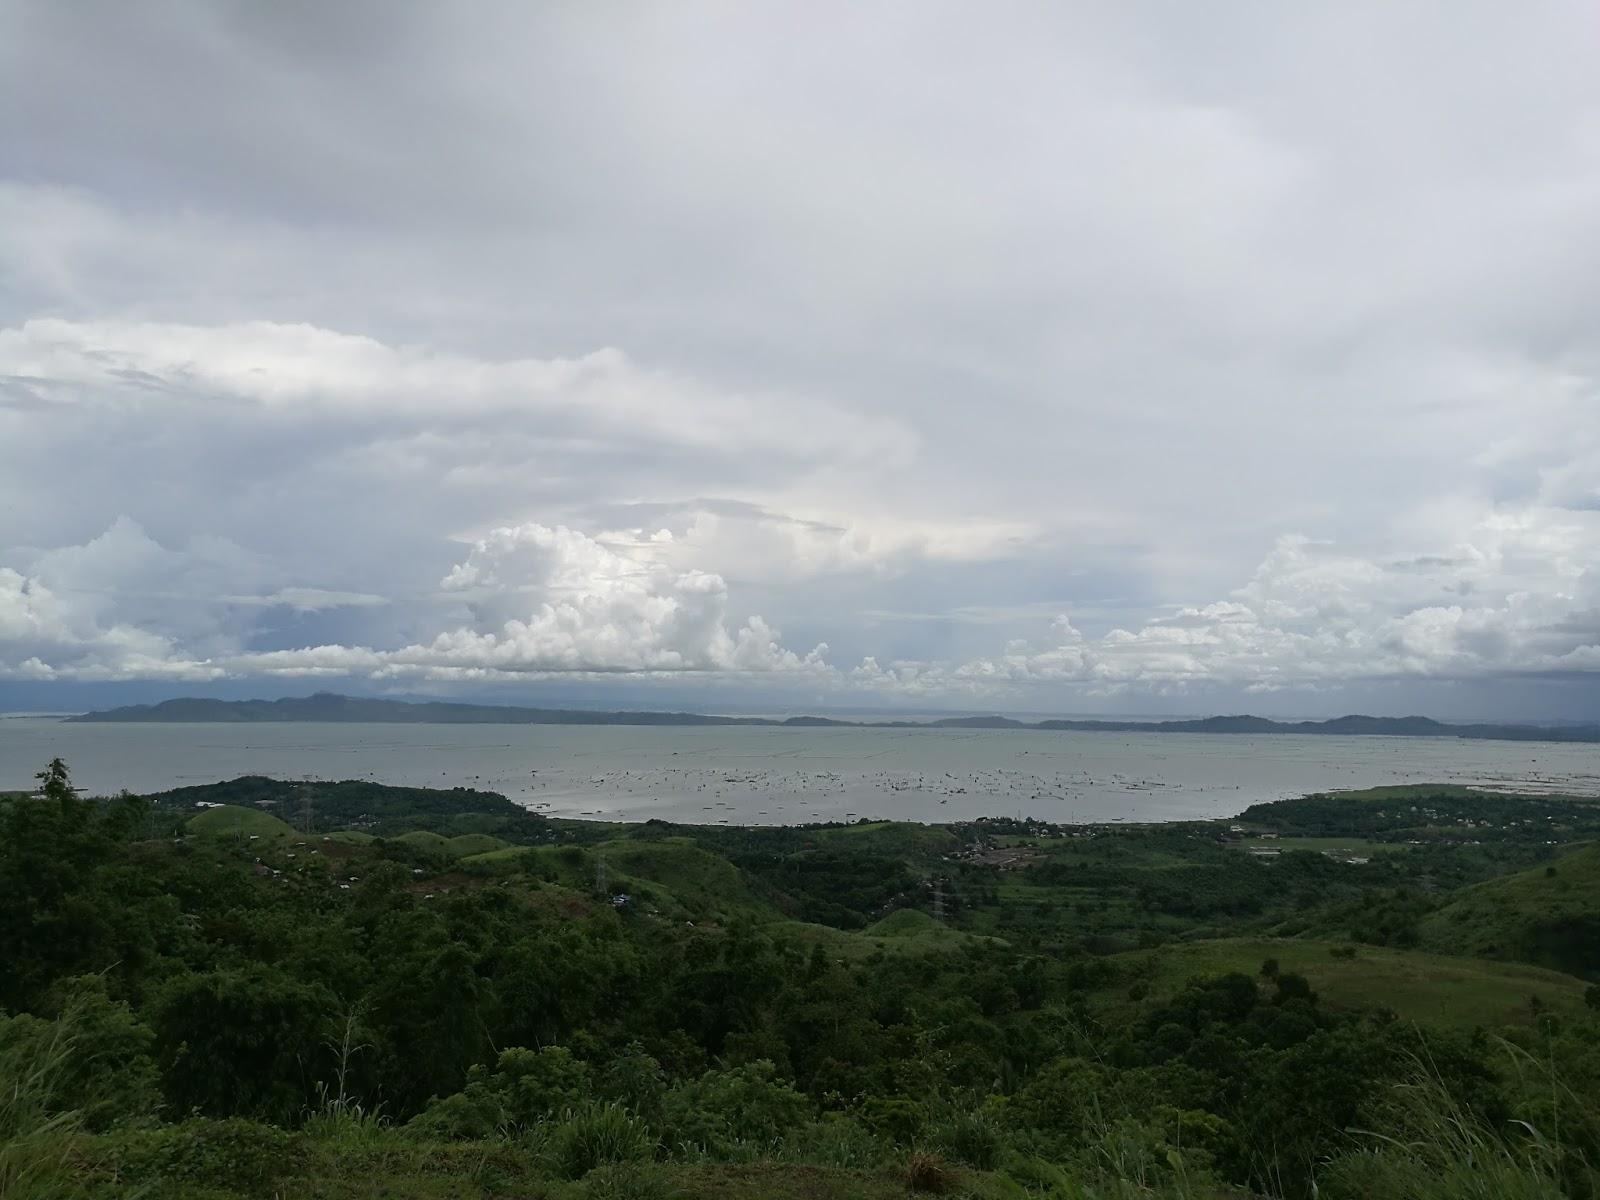 Huawei P9 Sample Camera Shot - Overlooking Laguna Lake